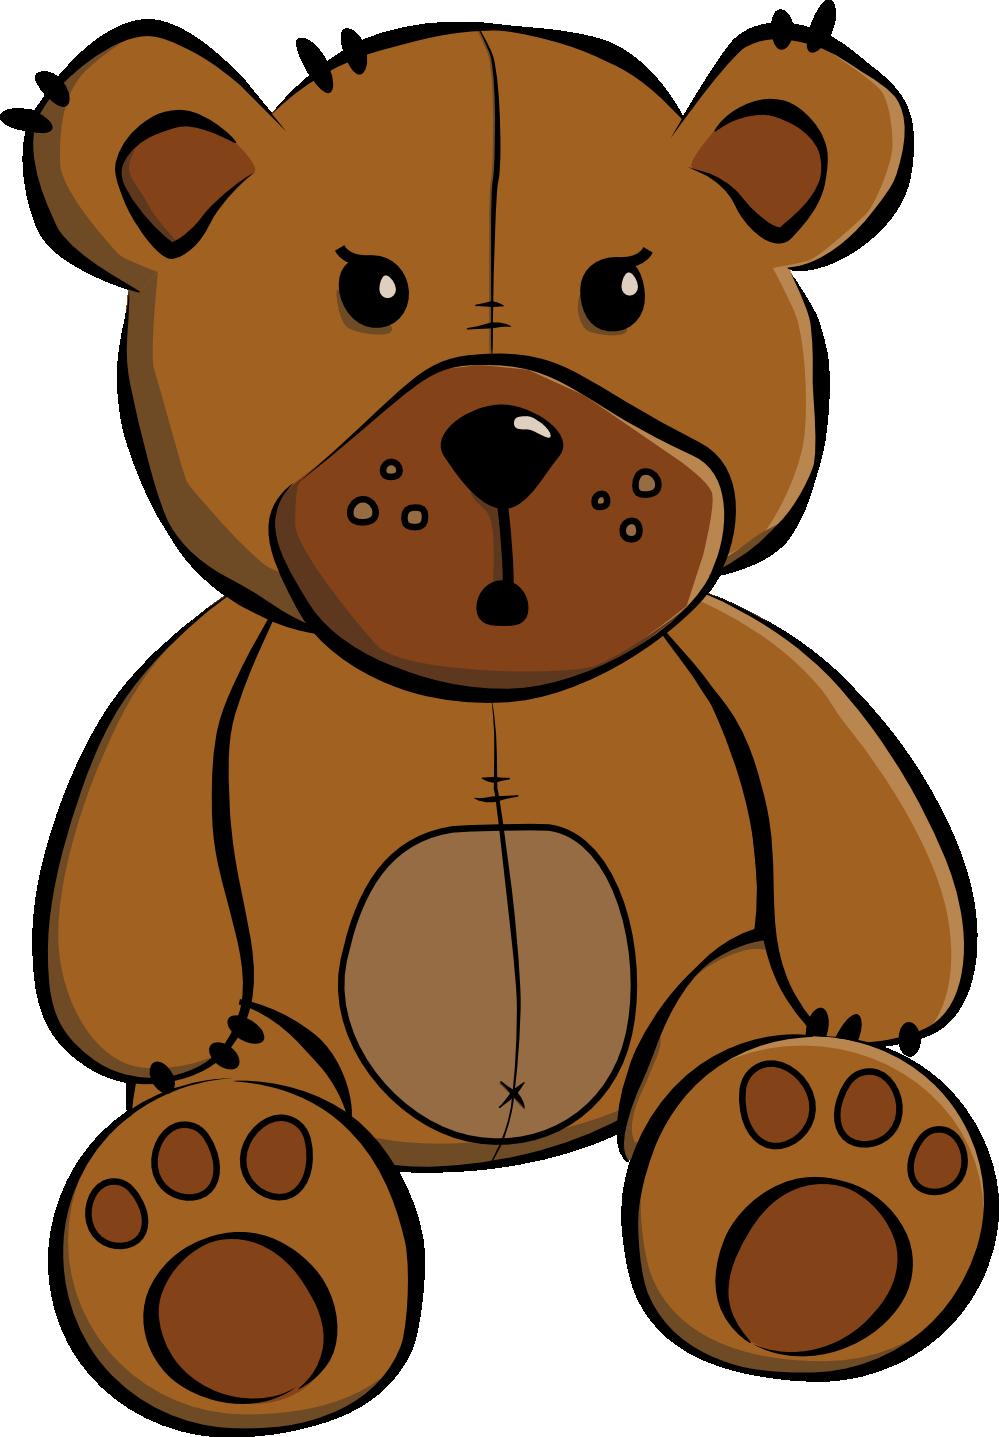 fav songs bag kids felt pinterest teddy bear bears and paper rh pinterest com baby bear clip art images baby bear clipart images